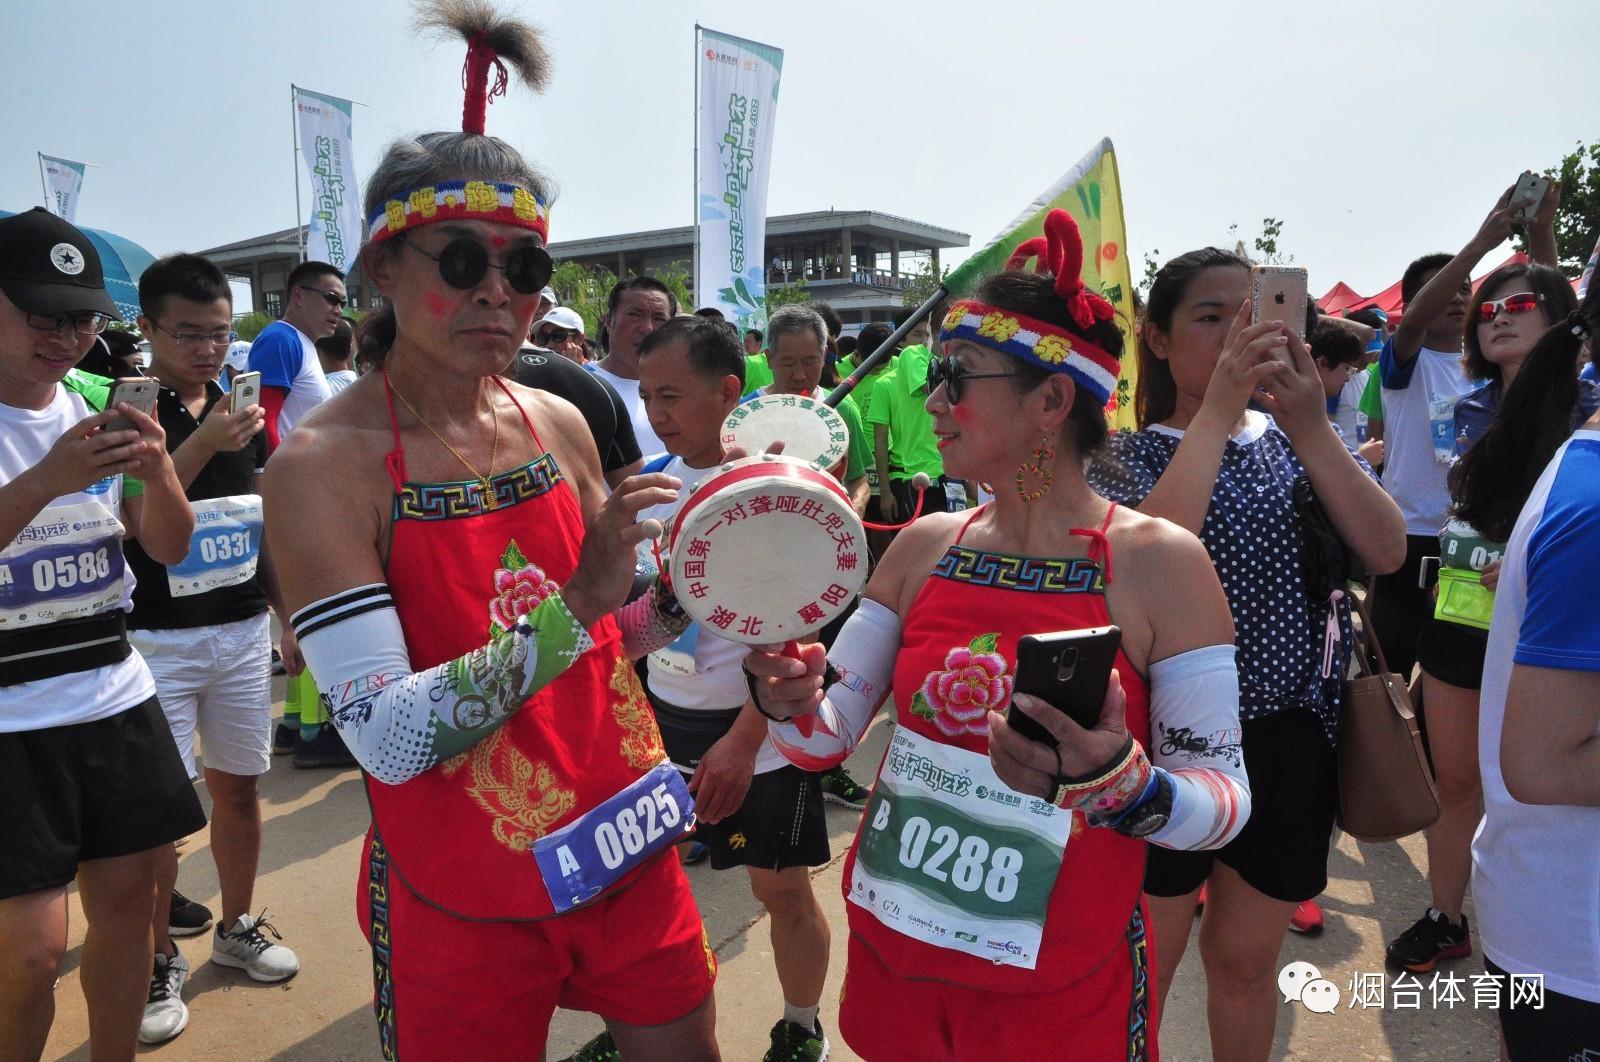 长岛环岛马拉松成为烟台体育与旅游深度融合典范